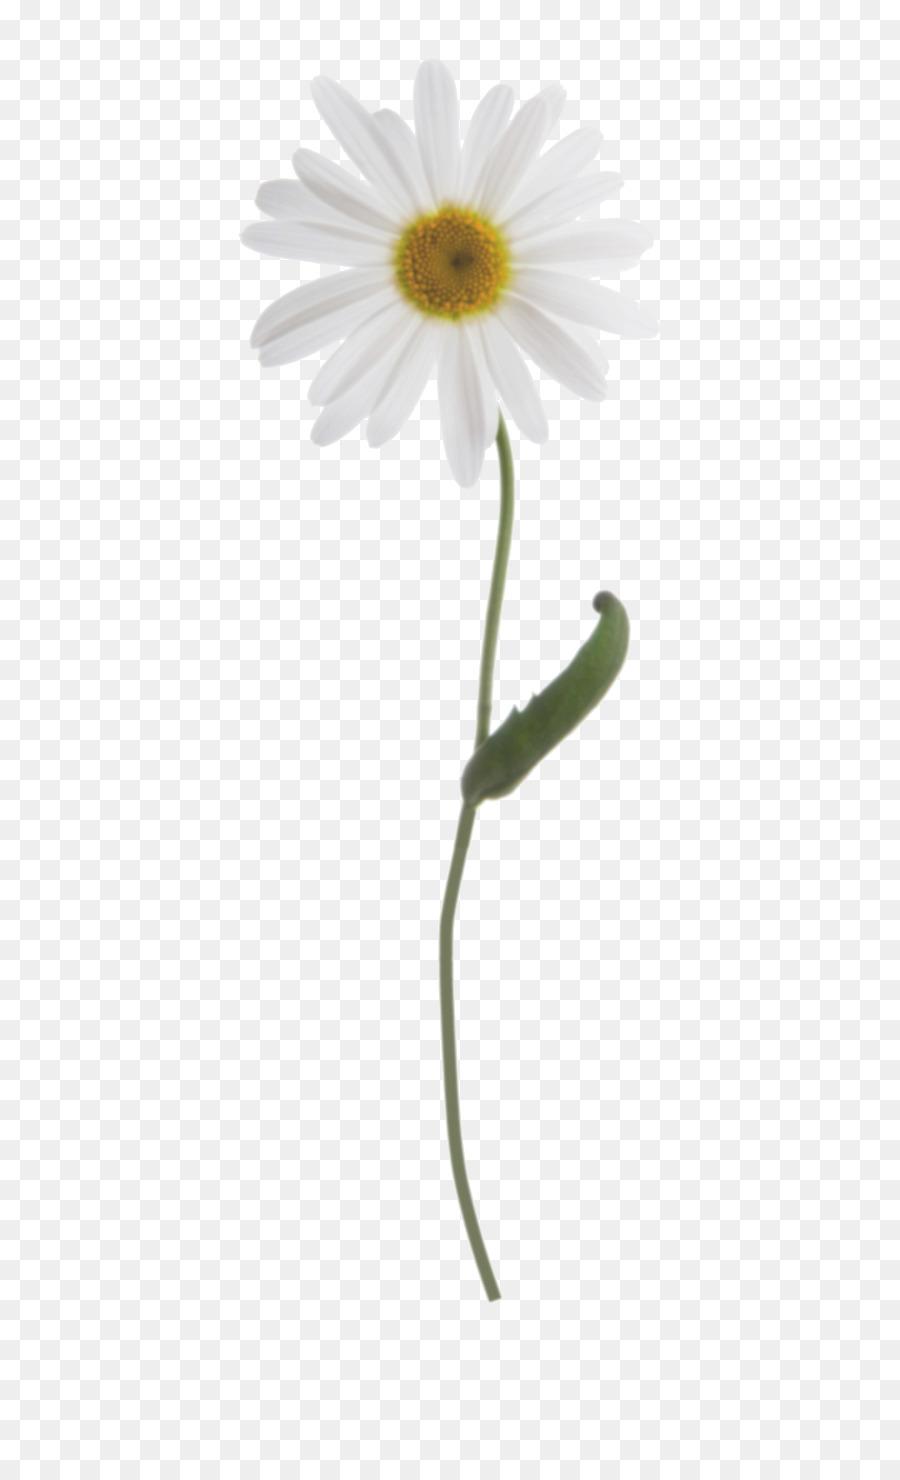 Descarga gratuita de Común Daisy, Margarita, Tallo De La Planta imágenes PNG